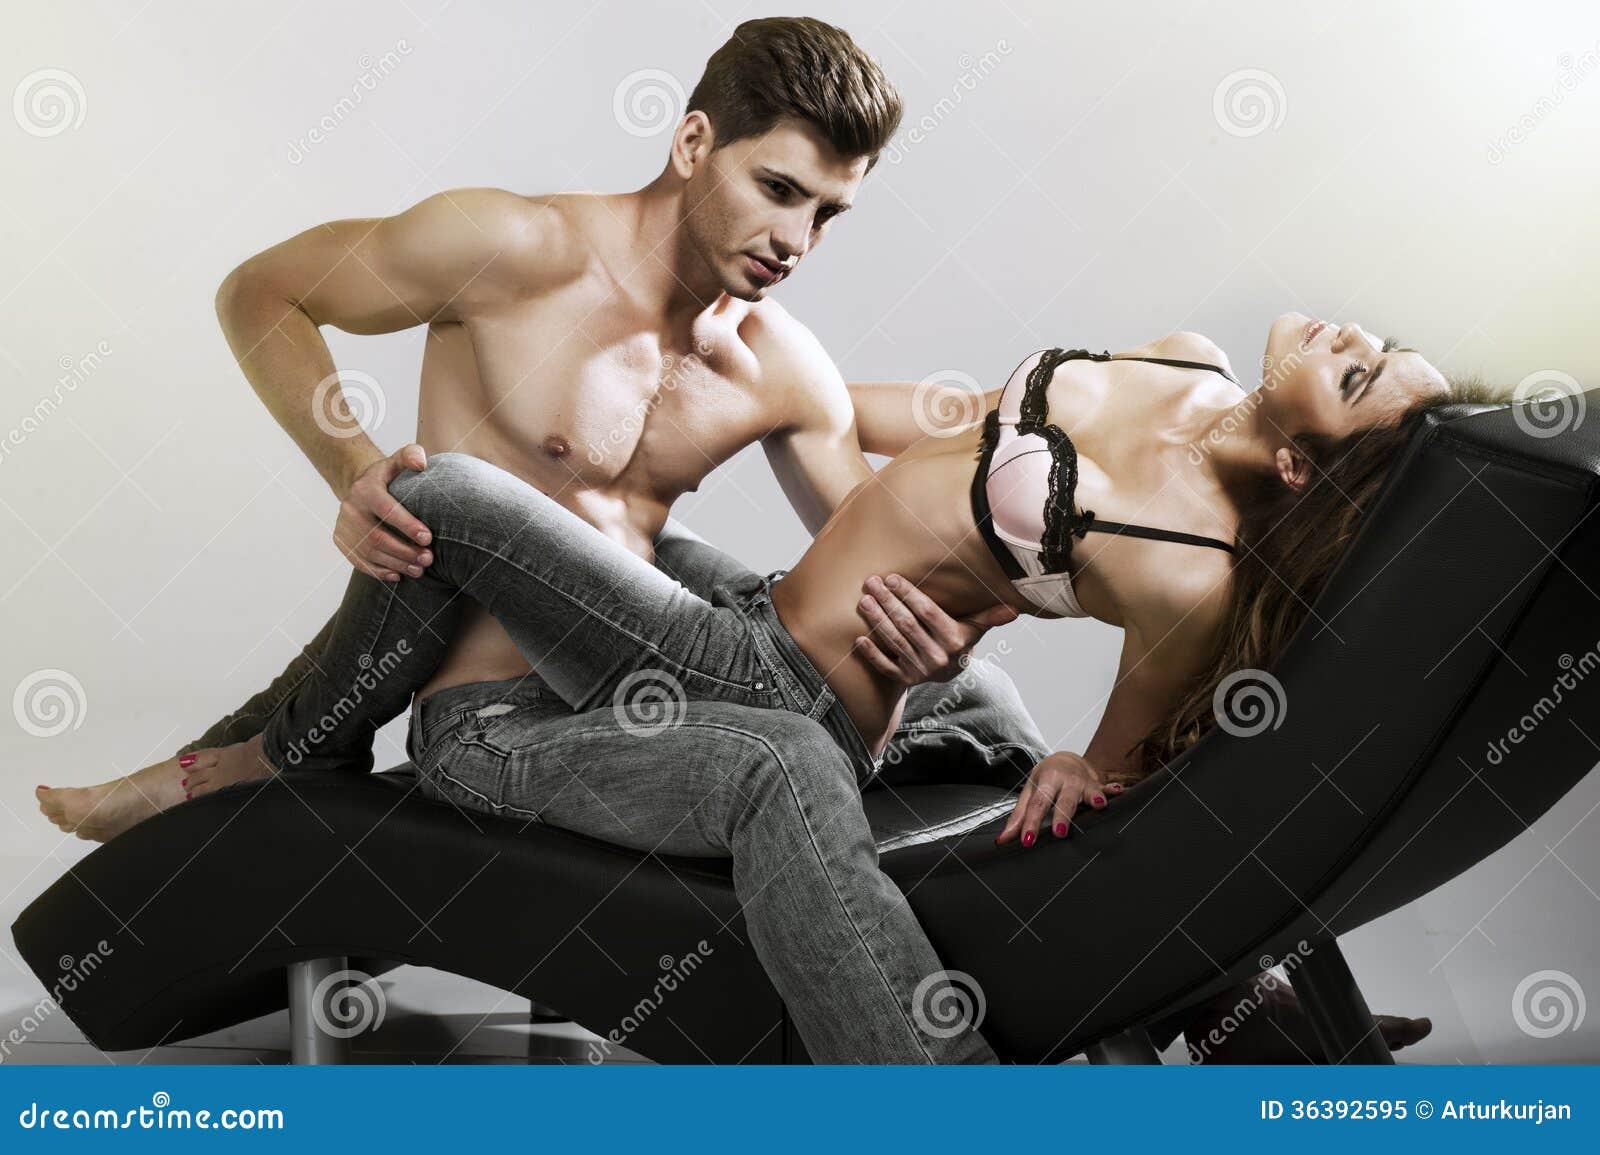 съем проституток и секс с ними